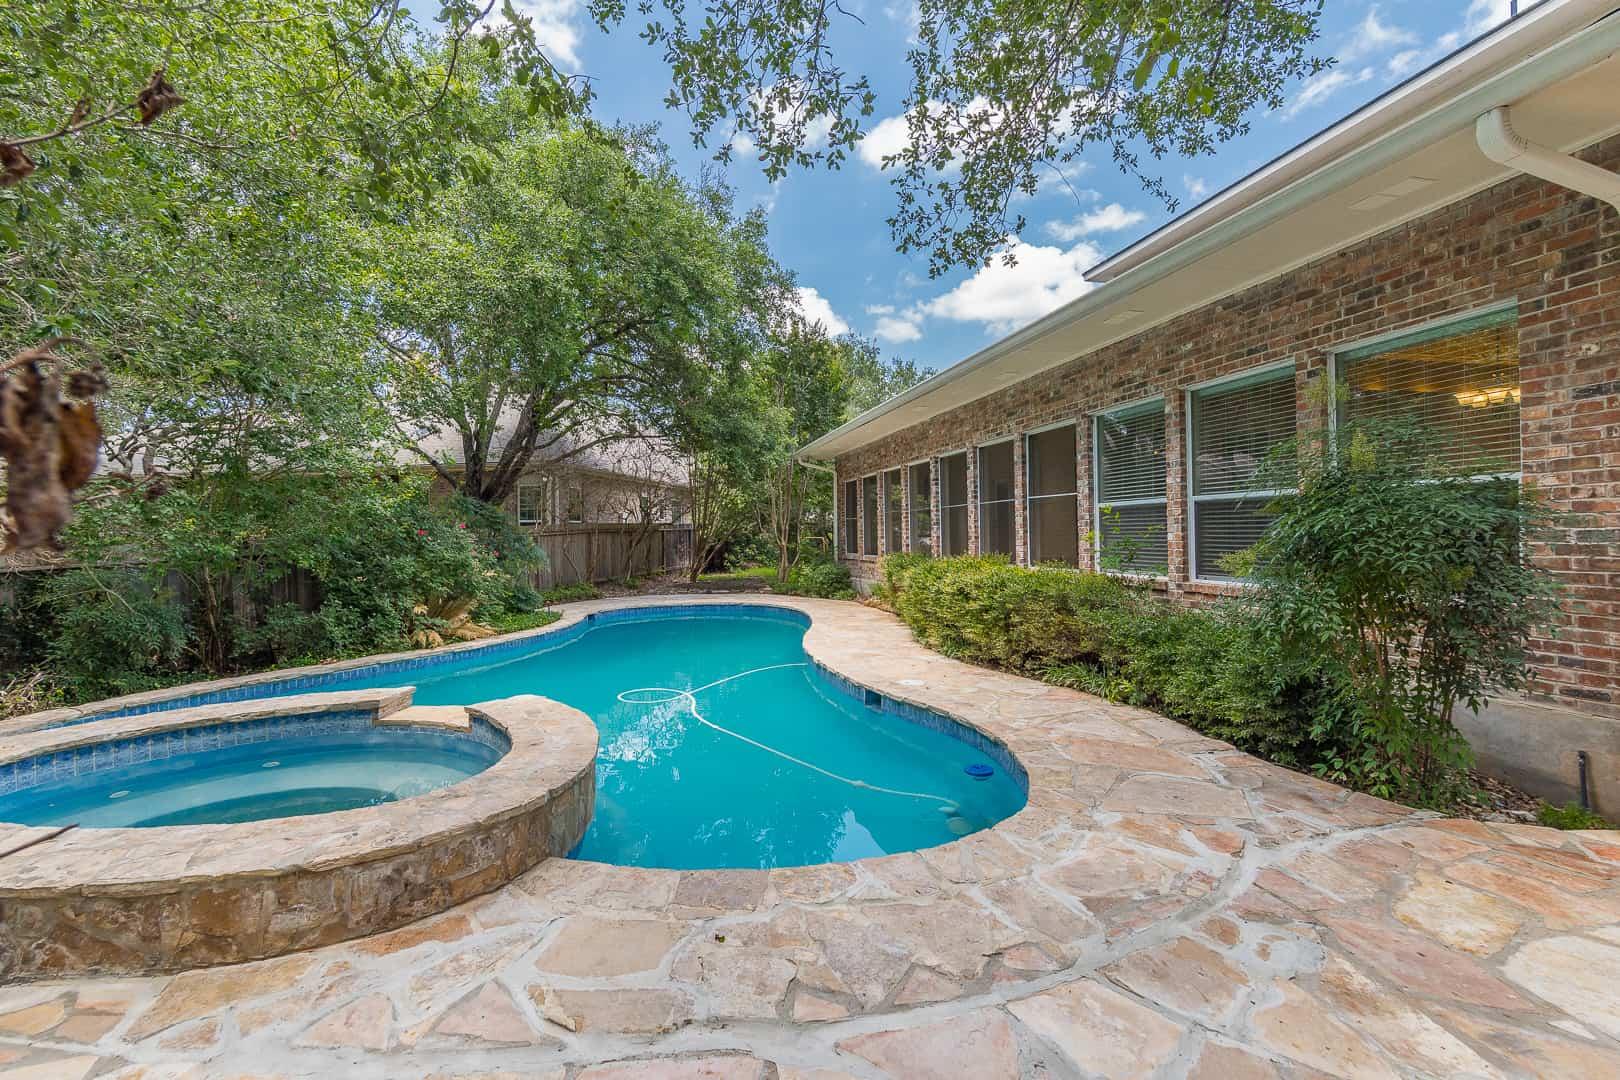 Inwood Bluff Listing pool